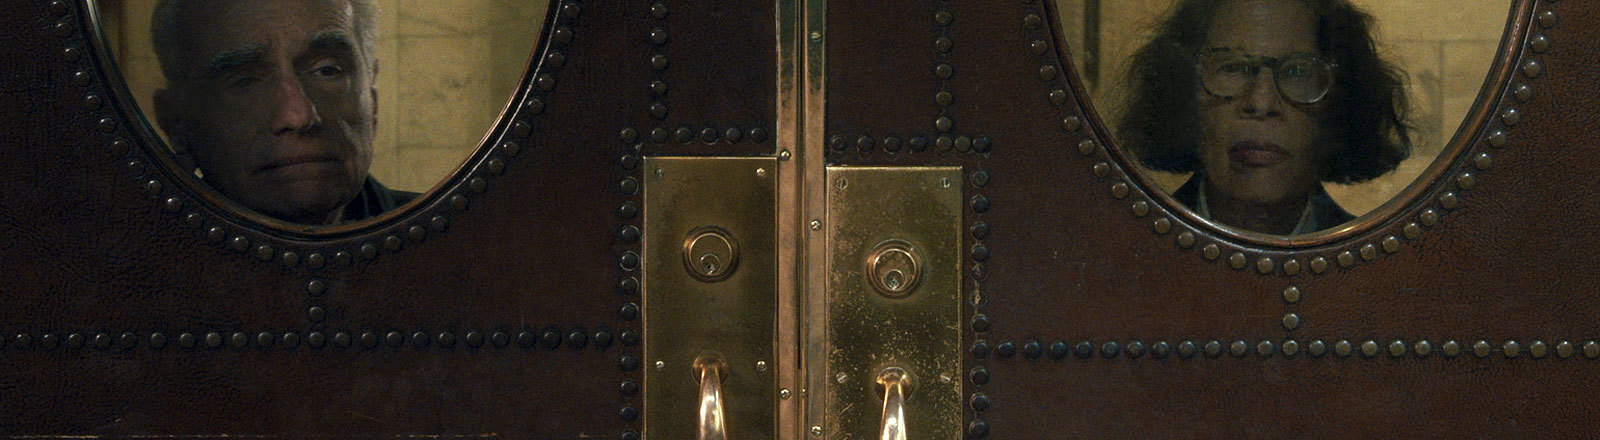 Scorsese hinter einer Tür